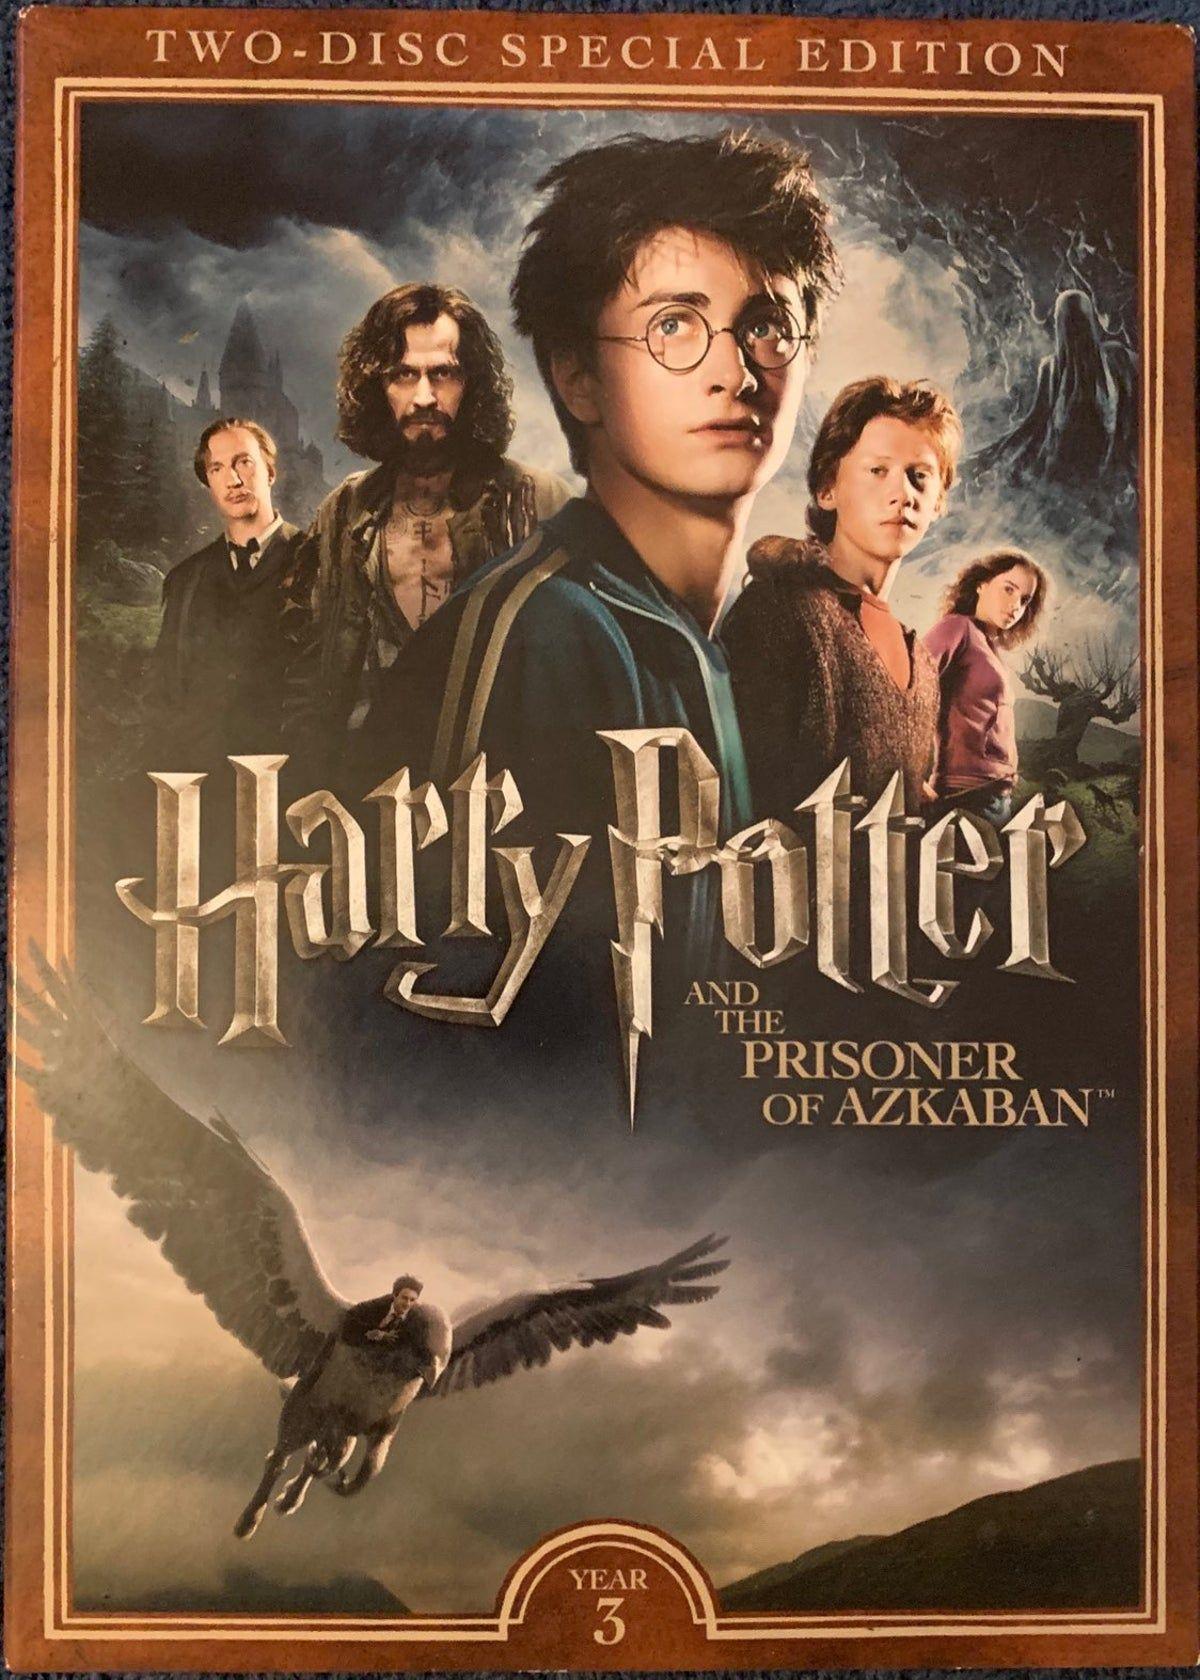 Harry Potter The Prisoner Of Azkaban Dvd Harry Potter Poster Slytherin Harry Potter Prisoner Of Azkaban